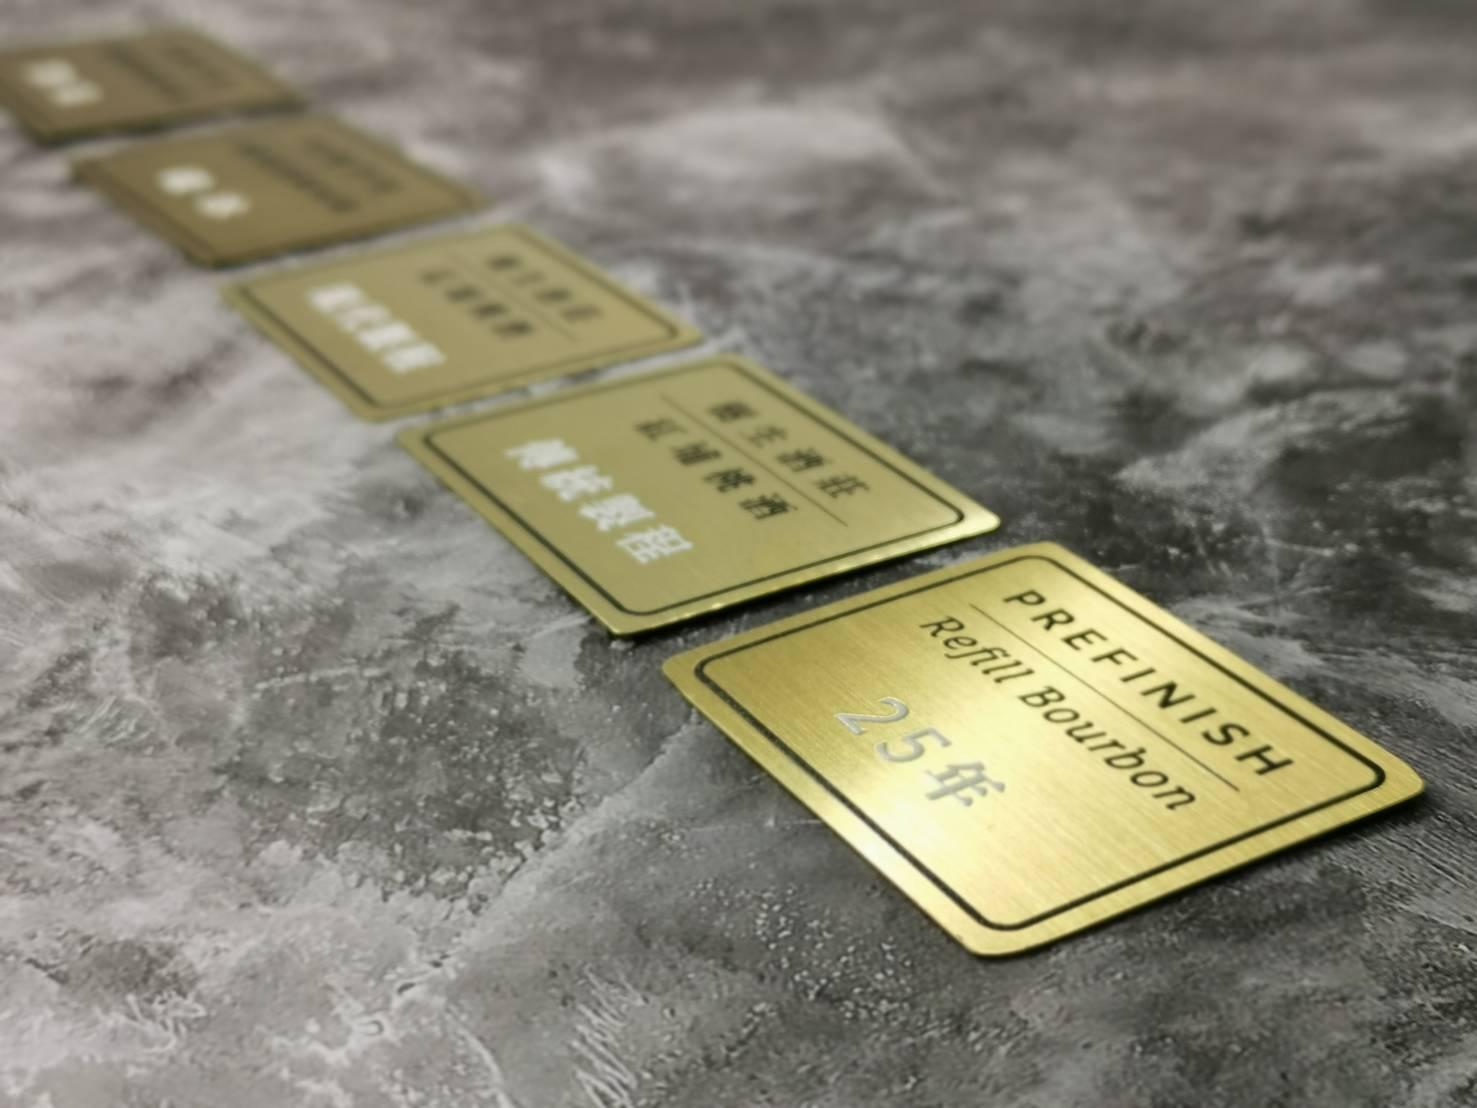 金屬書籤,金屬書籤價格,金屬書籤推薦,金屬銘牌,書籤,高級書籤,不鏽鋼書籤,電鍍書籤,玫瑰金書籤,烤漆書籤,書籤製作,書籤設計,黃金書籤,24k書籤,畢業書籤,禮品,贈品,企業禮品,旅遊紀念品,股東會紀念品,簍空書籤,鏡面書籤,雙色書籤,銘版